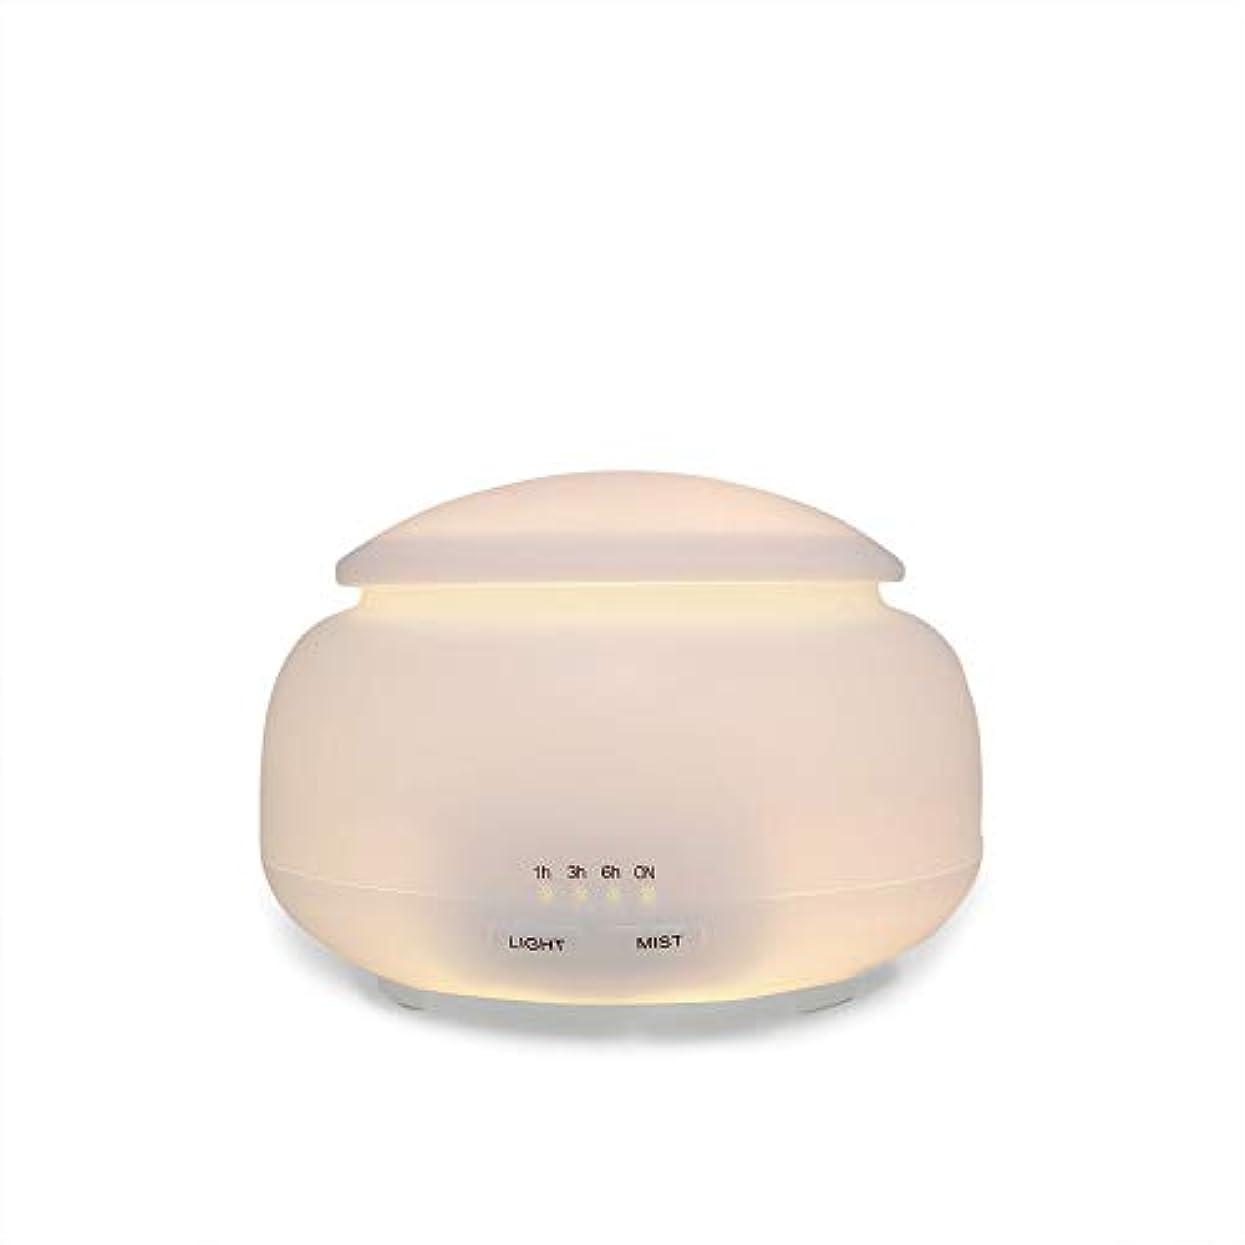 受け皿柔和フォーク150ml の家の超音波アロマセラピー機械、大きい無声空気浄化の加湿器容量のスプレーのタイマーおよび水なしの自動オフ、7つの LED ライト色